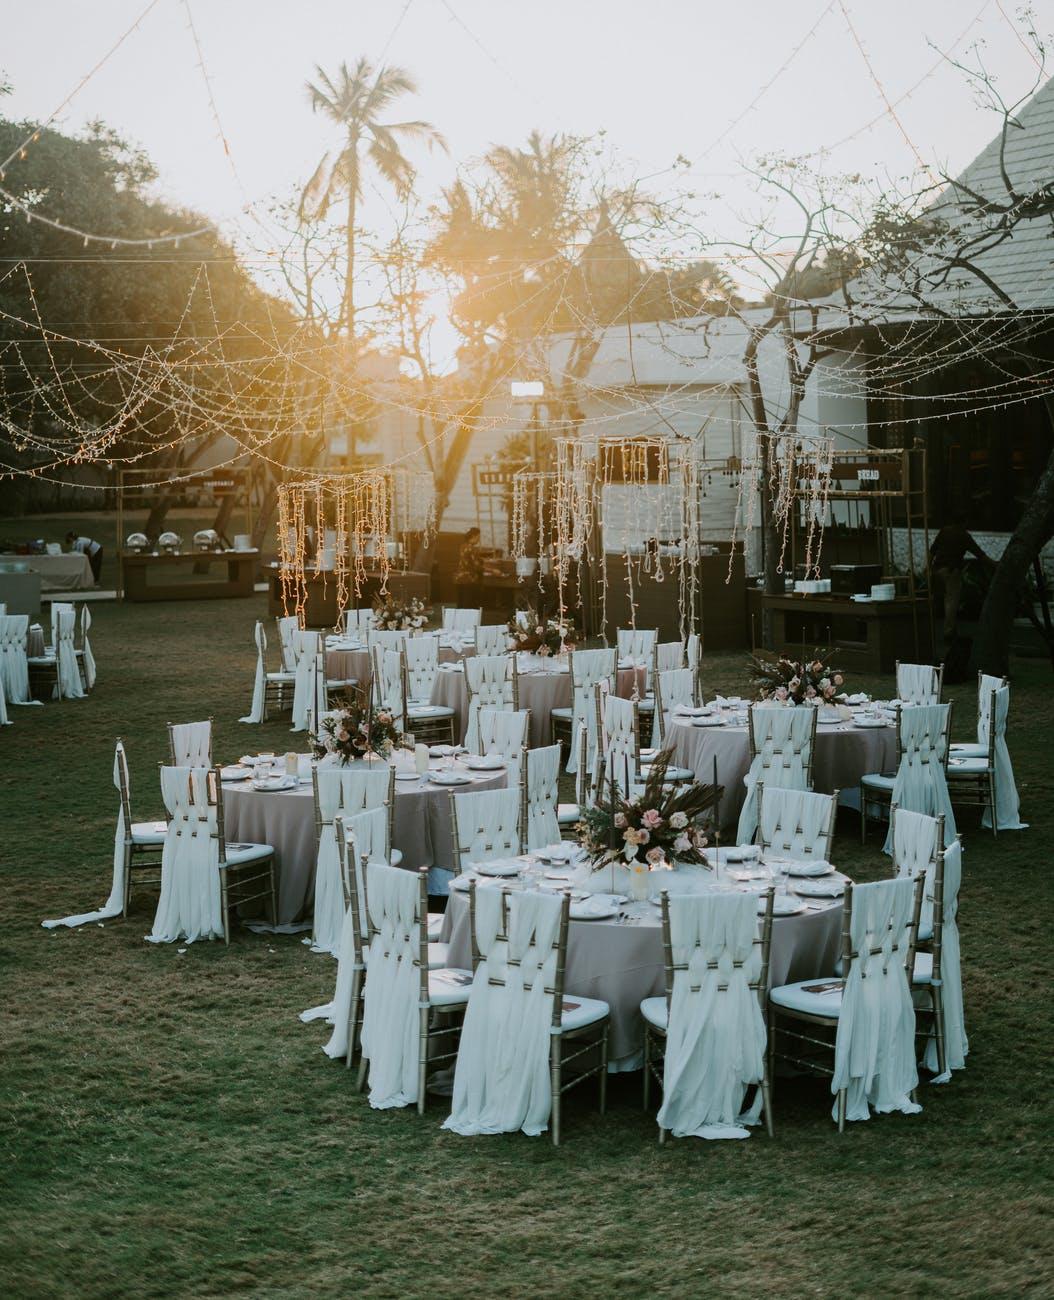 En Güzel Düğün Hangi Ayda Olur?